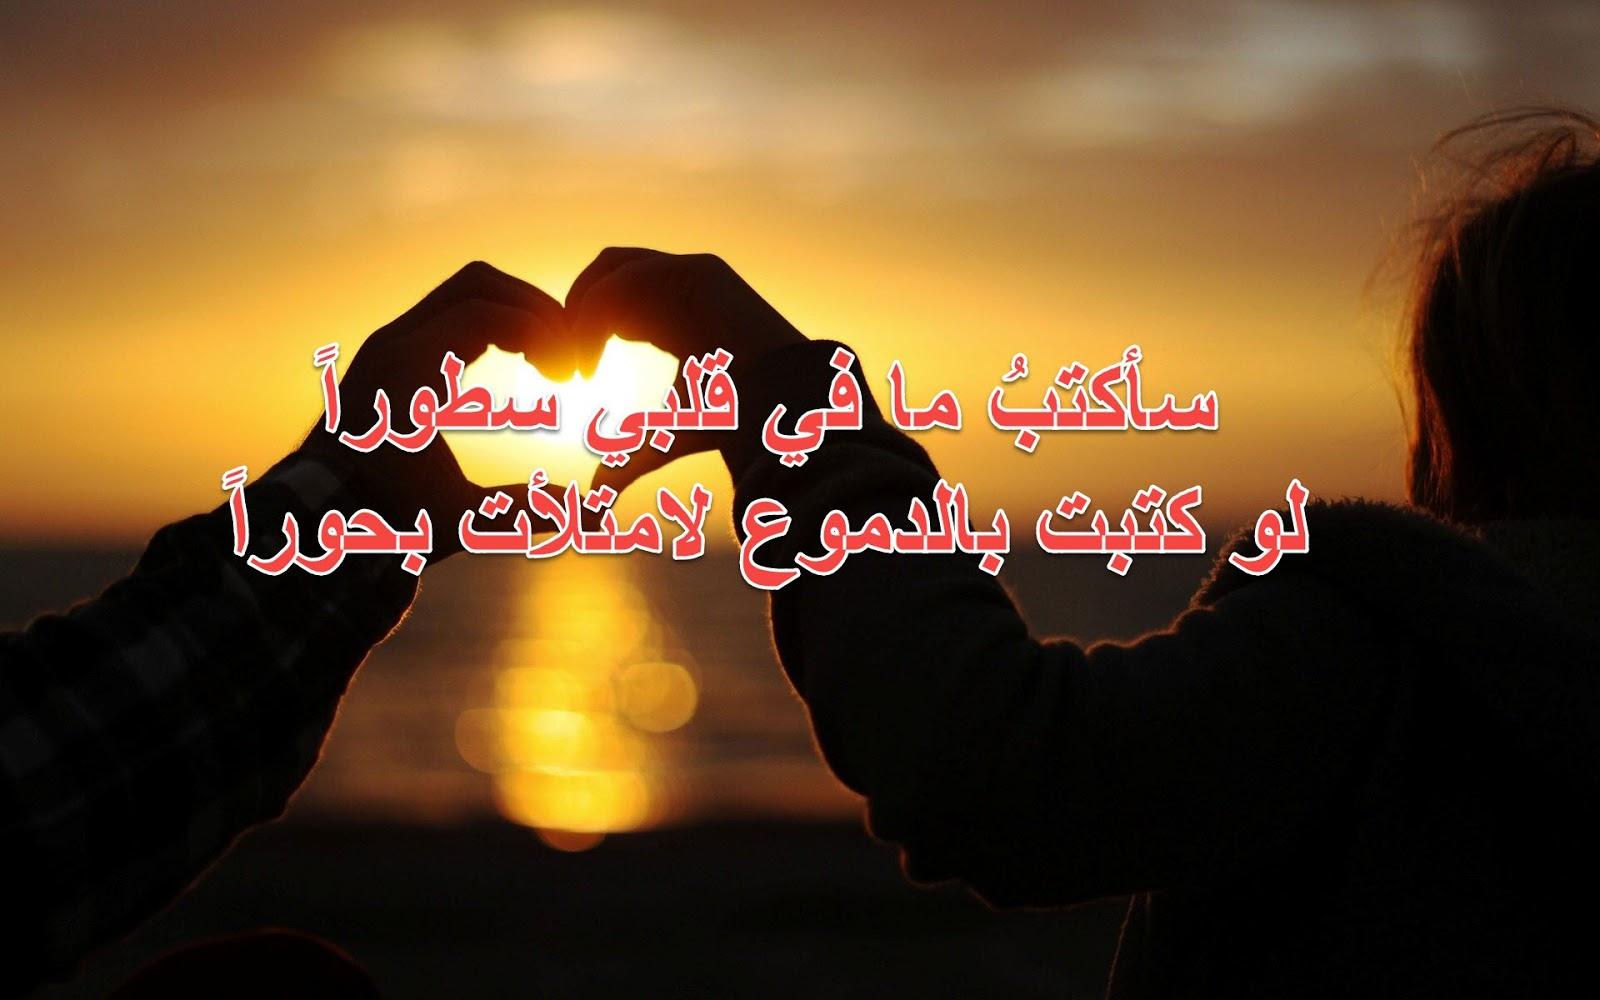 بالصور الحب الحقيقي , مشاعر رقيقة وجميلة رومانسية 4180 1